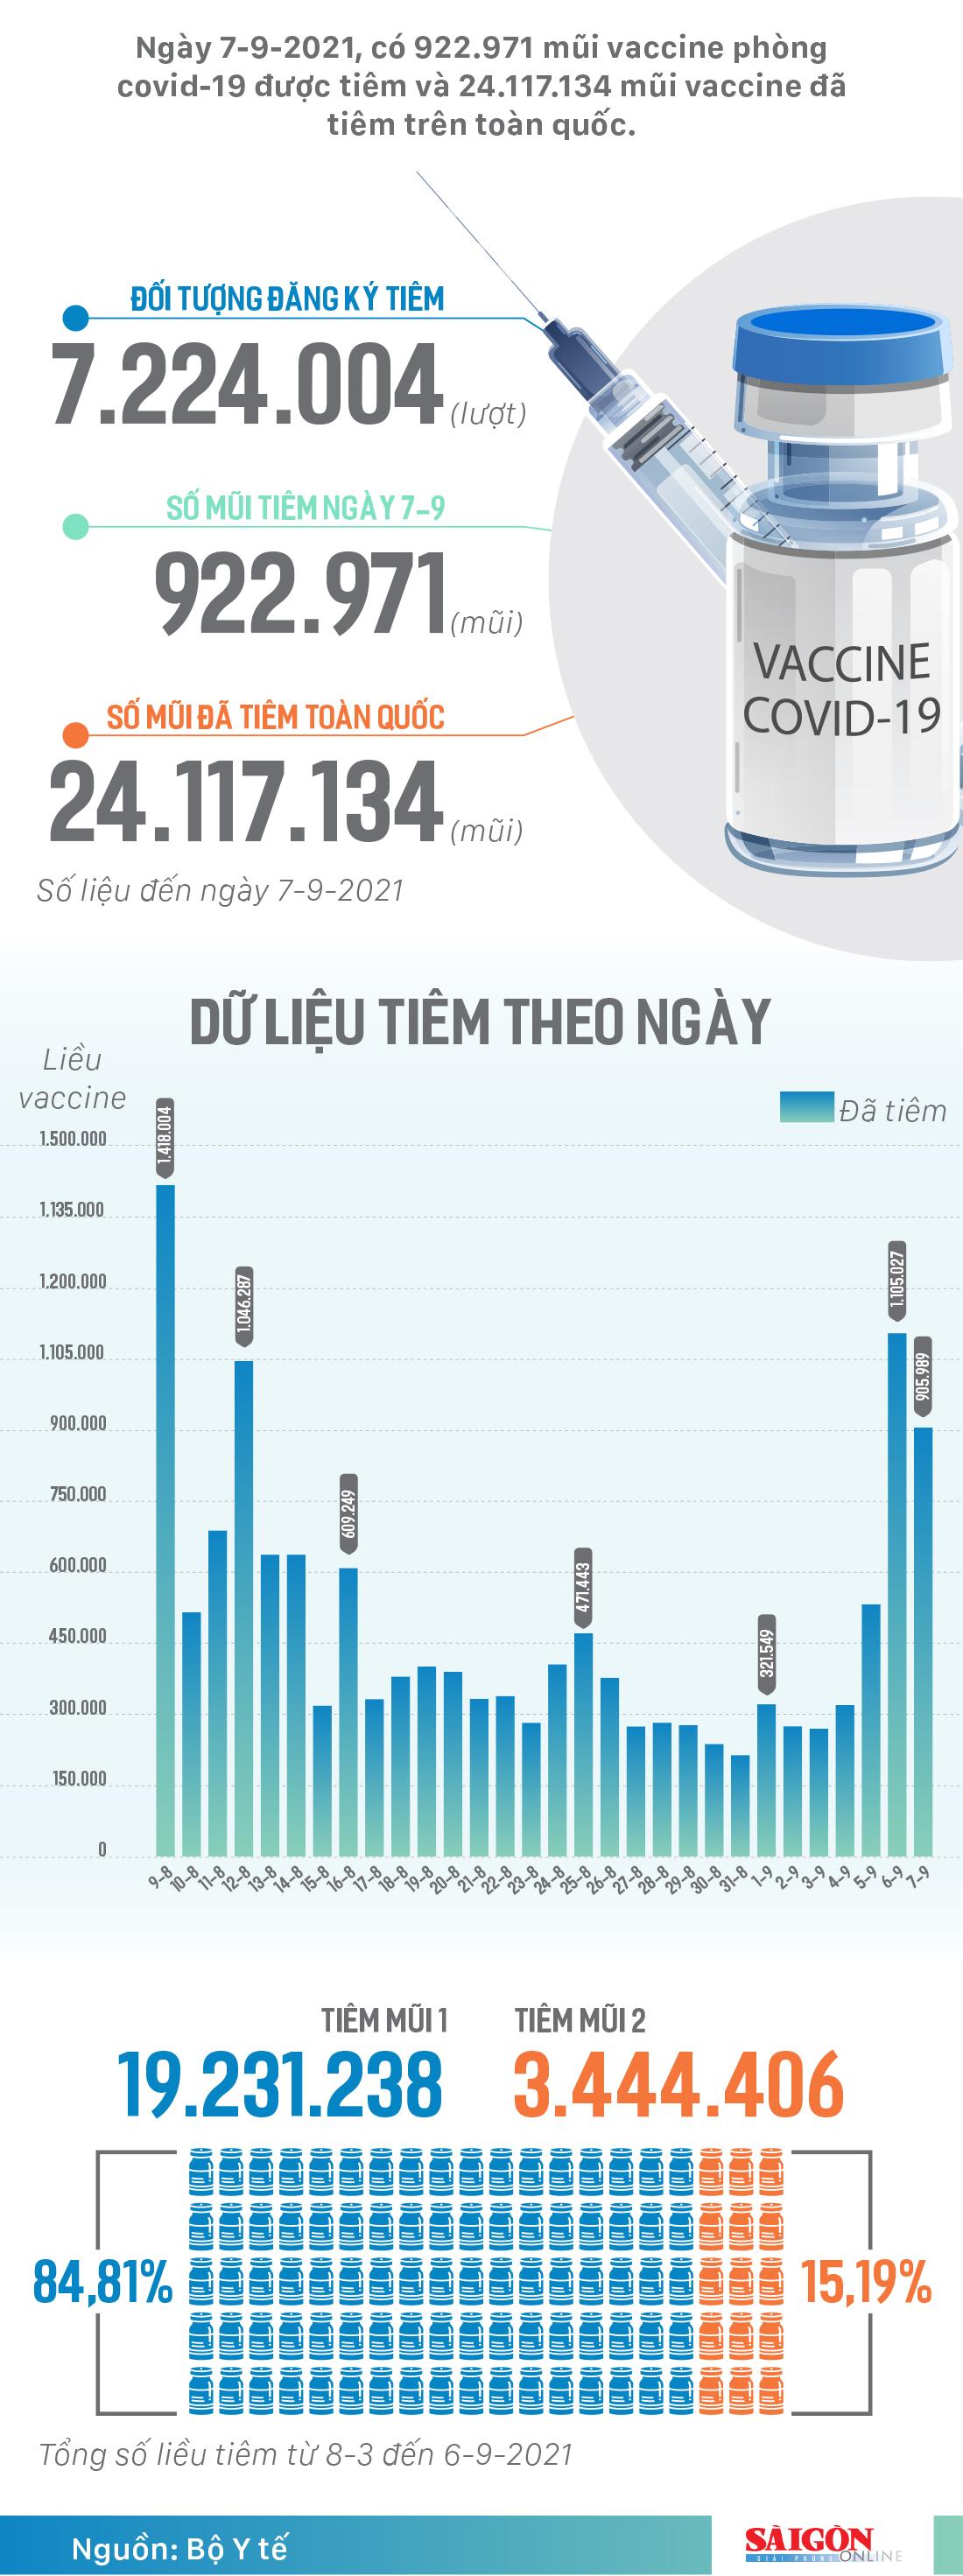 Hơn 24 triệu liều vaccine phòng covid-19 đã được tiêm tại Việt Nam ảnh 1